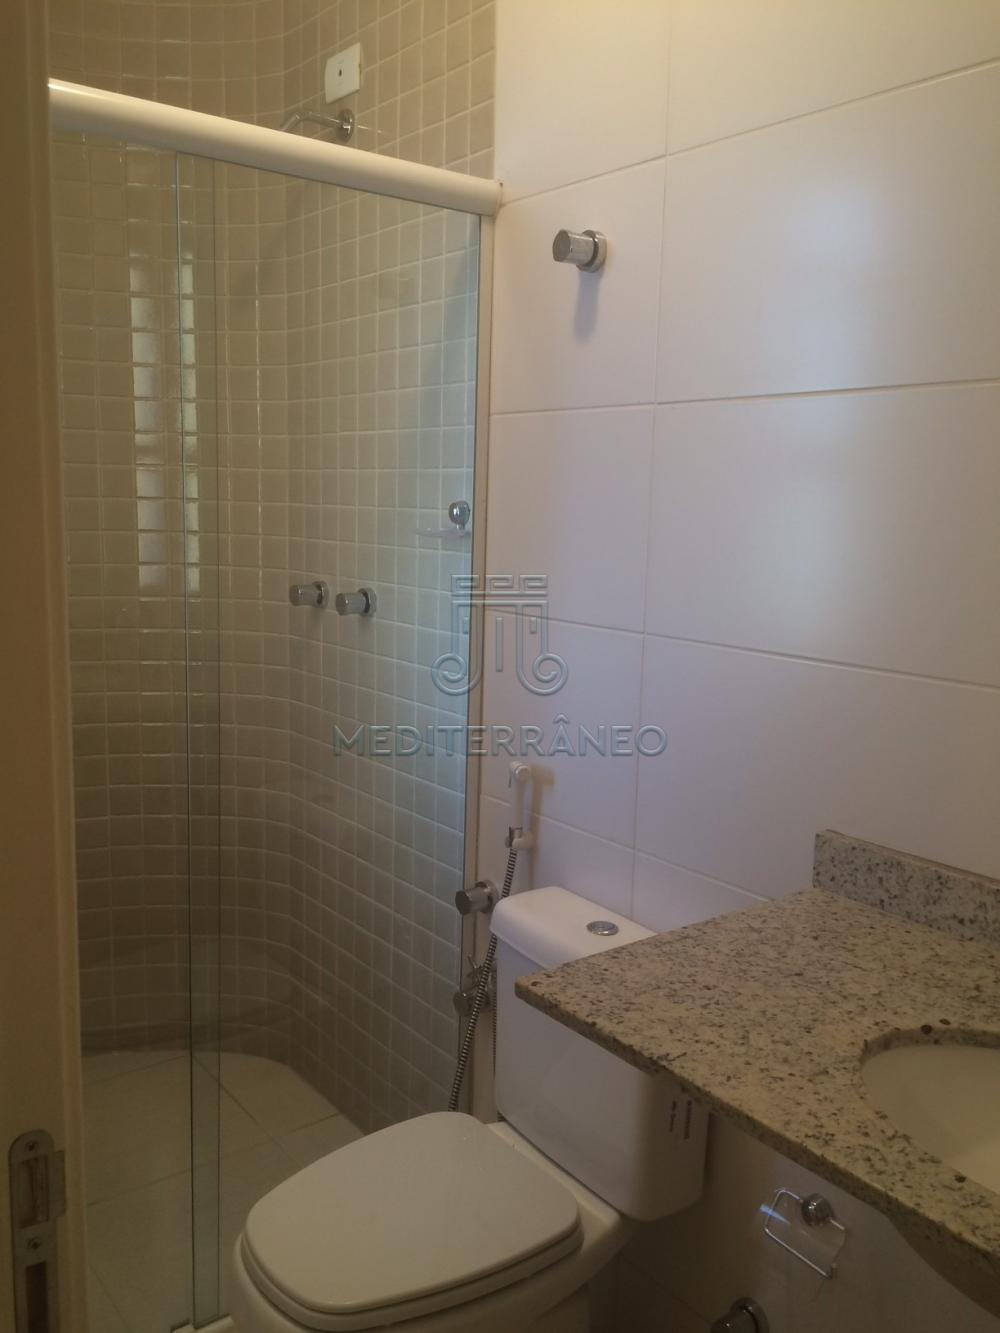 Alugar Apartamento / Padrão em Jundiaí apenas R$ 3.200,00 - Foto 16